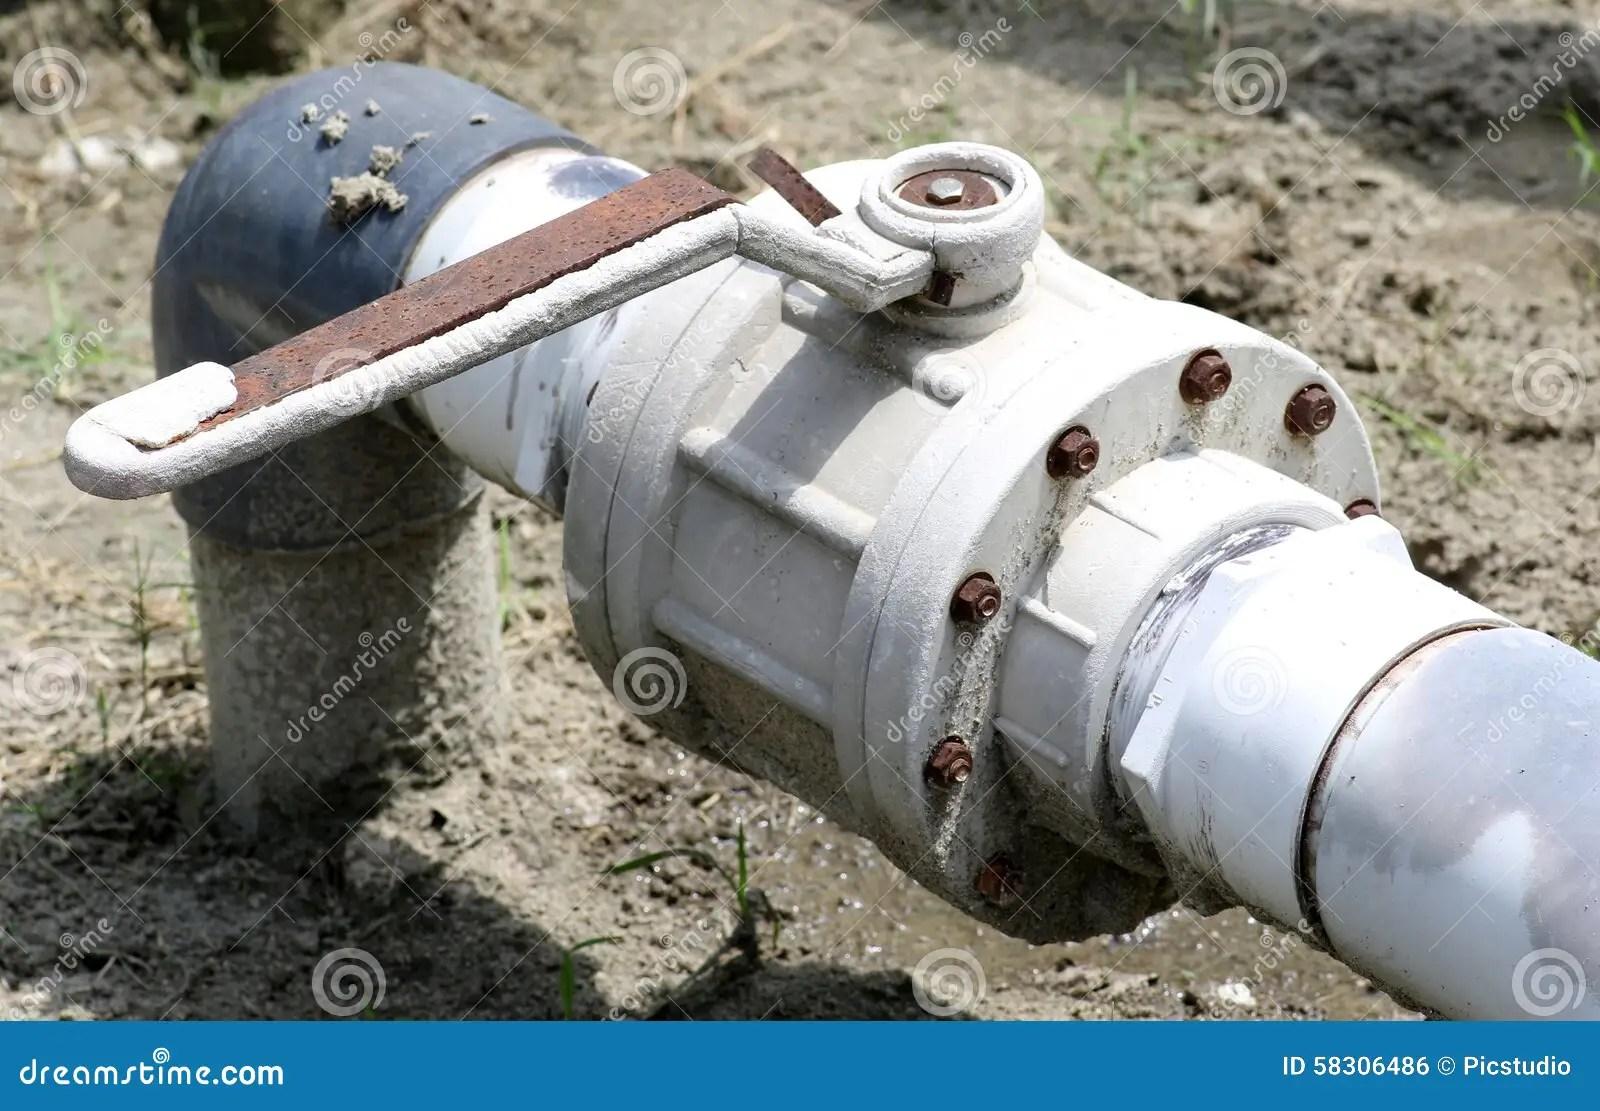 Irrigation Water Shut Valves